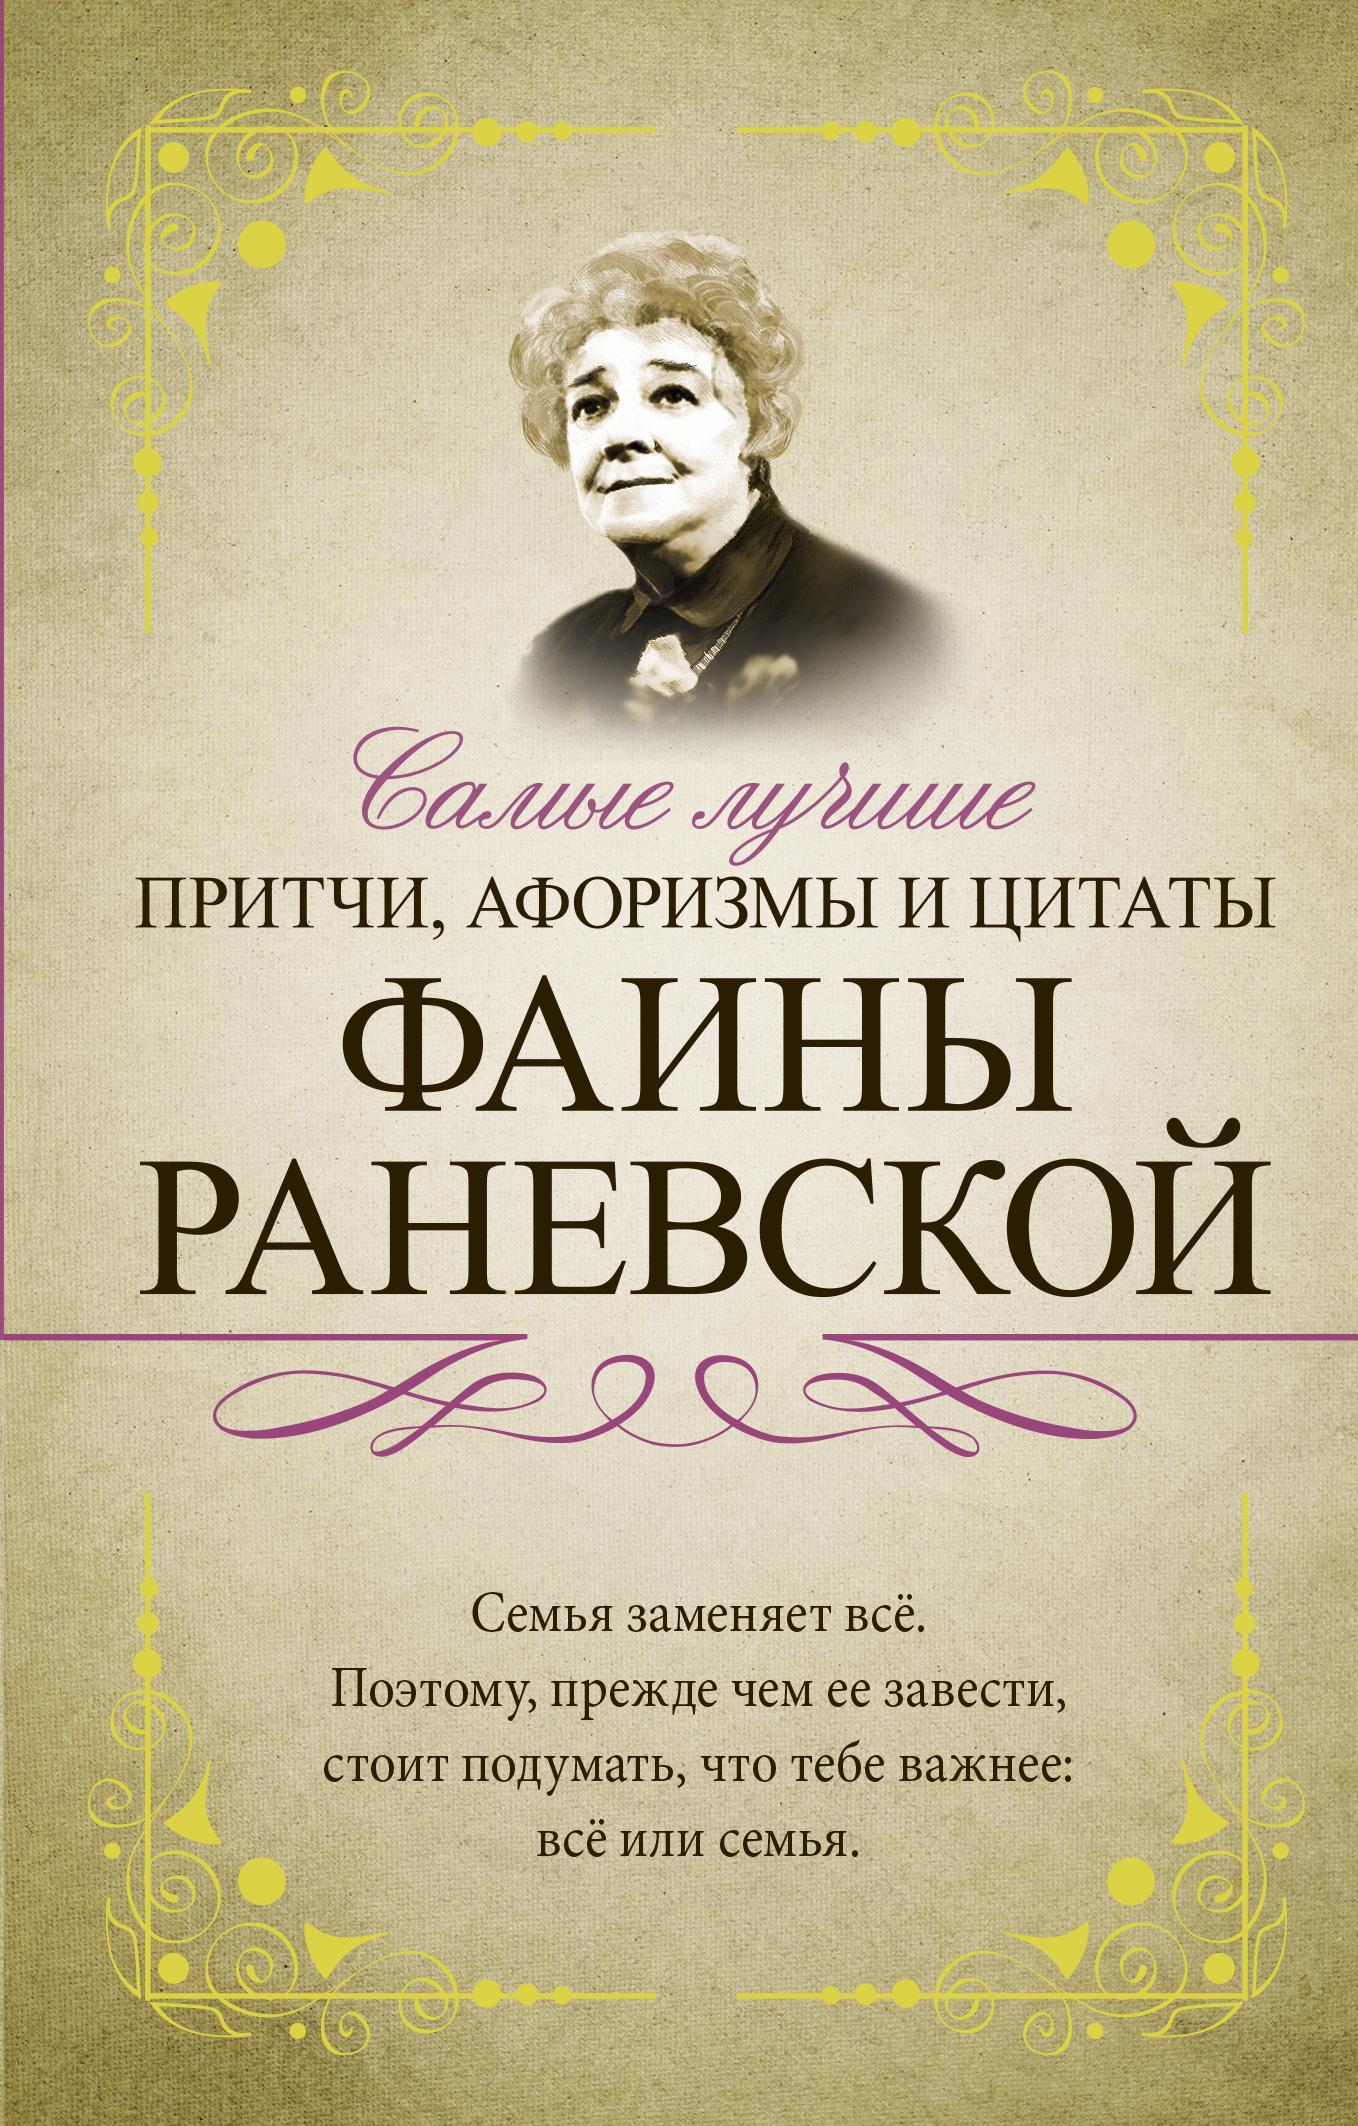 Фаина Раневская Самые лучшие притчи, афоризмы и цитаты Фаины Раневской